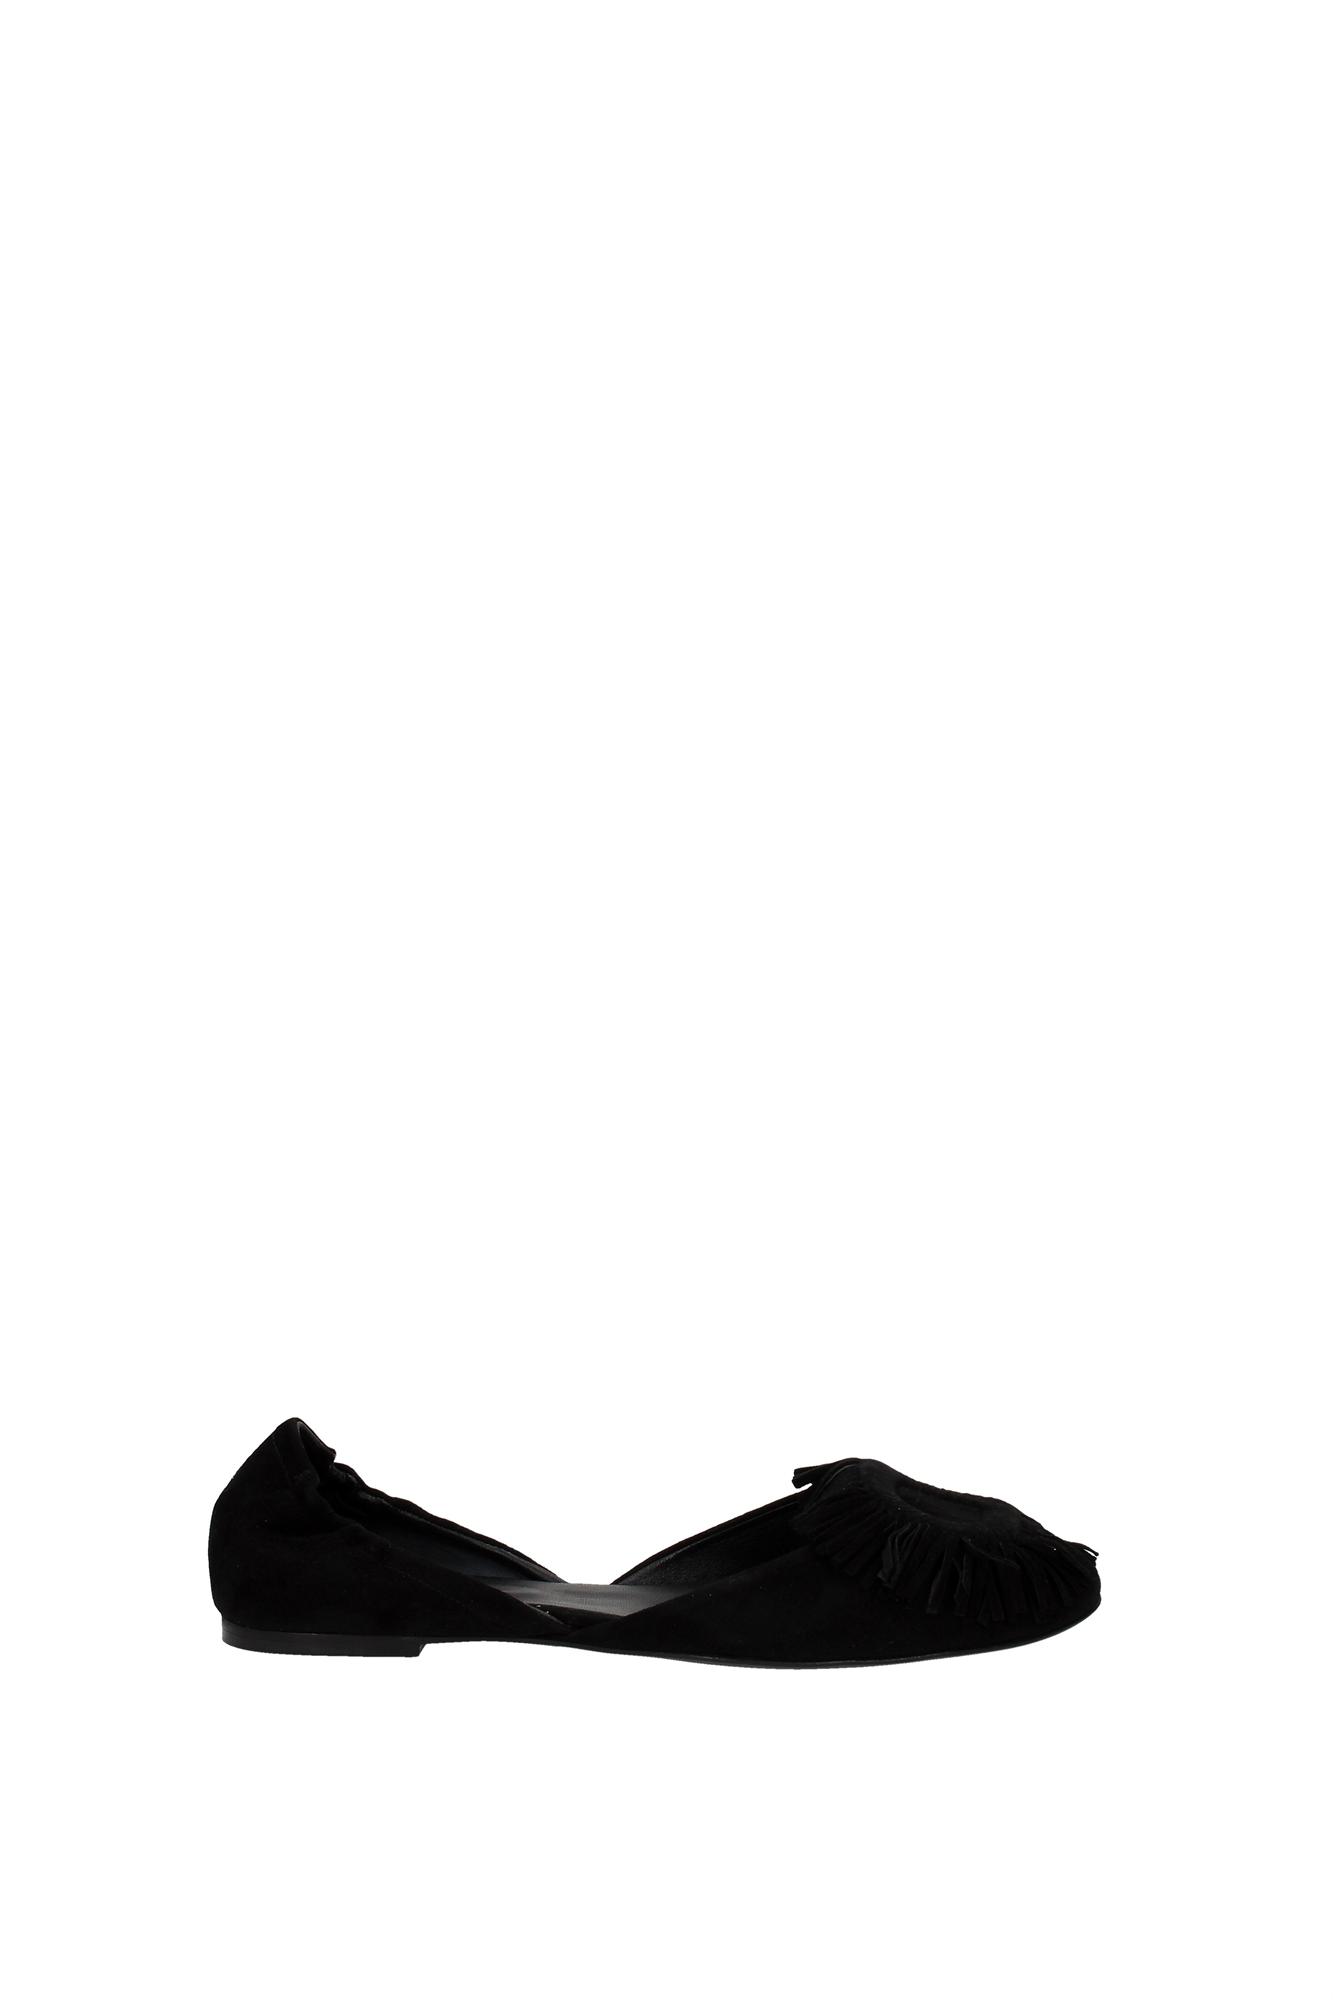 Green Brocade Crystal Espadrilles shoes Scarpe di resistenti bell'aspetto, resistenti di e durevoli 8f8108